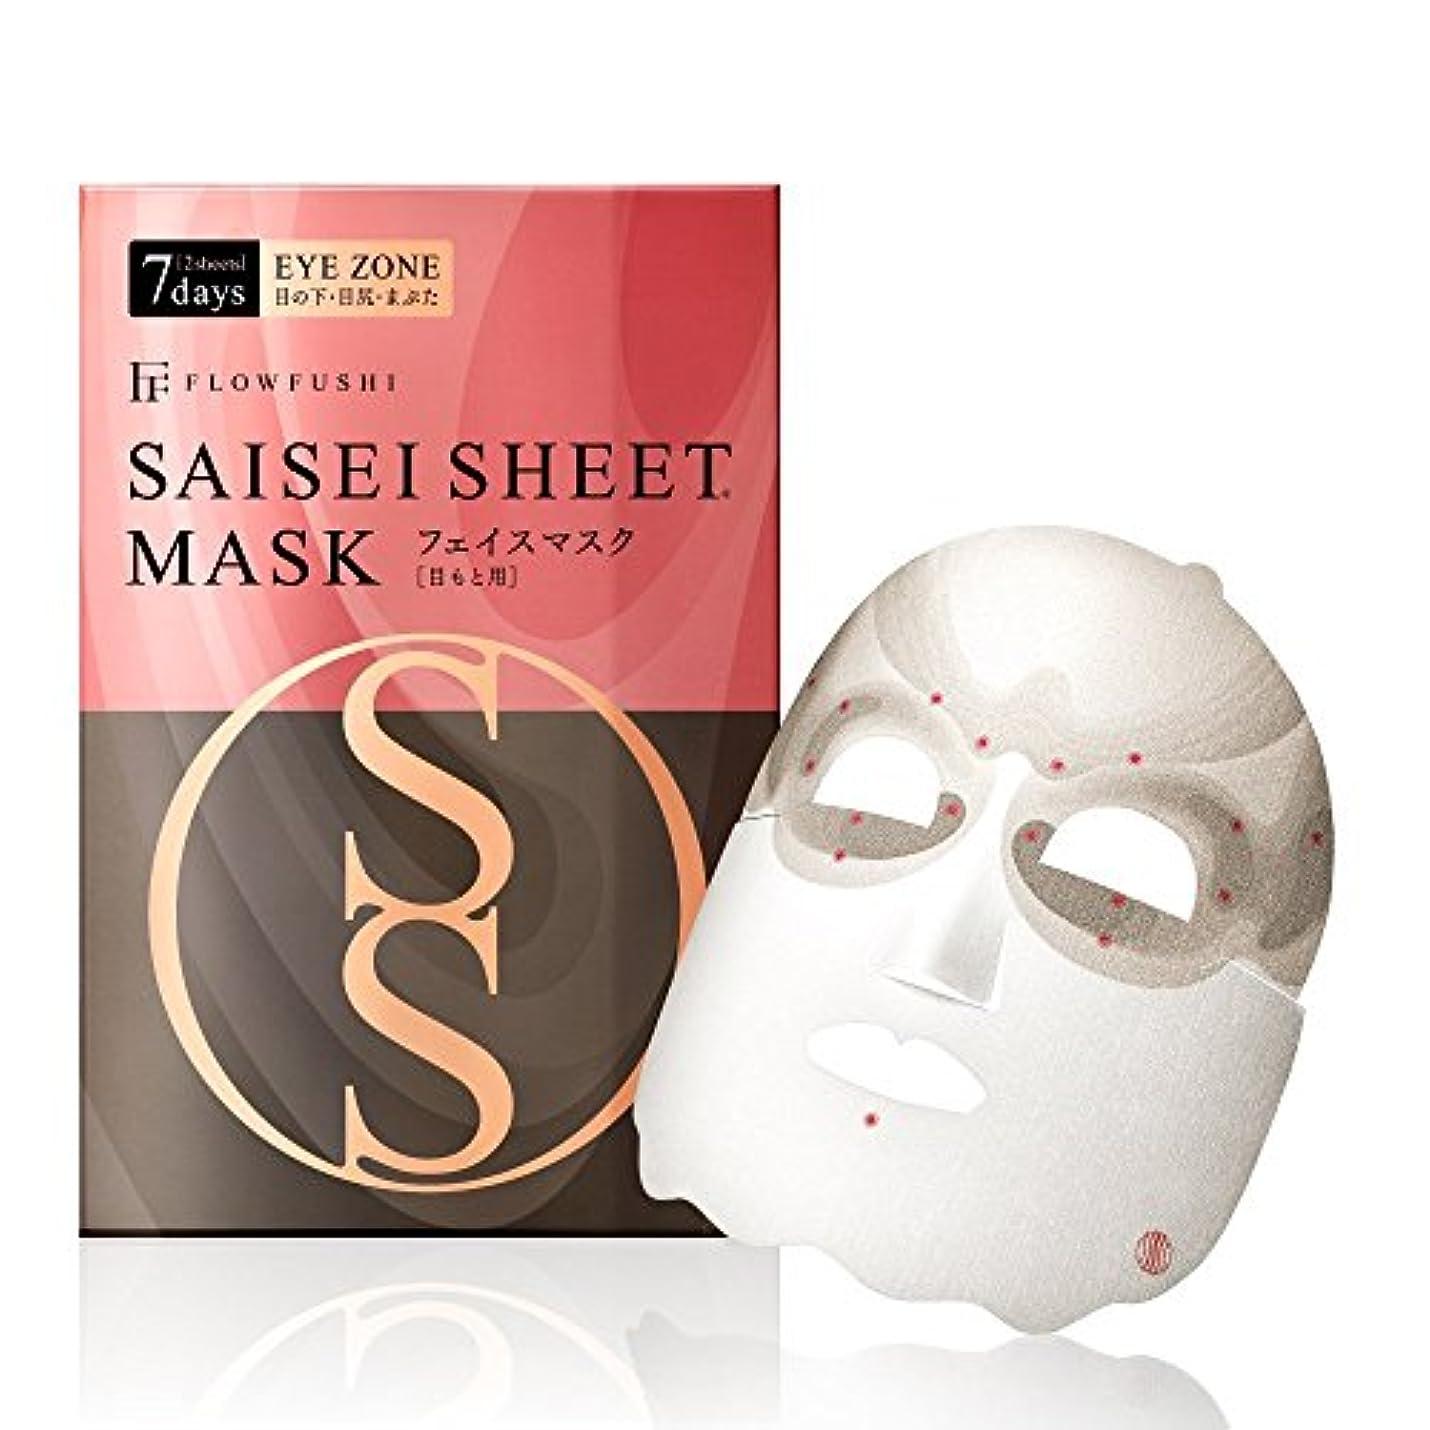 豊富寛容な傾向SAISEIシート マスク [目もと用] 7days 2sheets